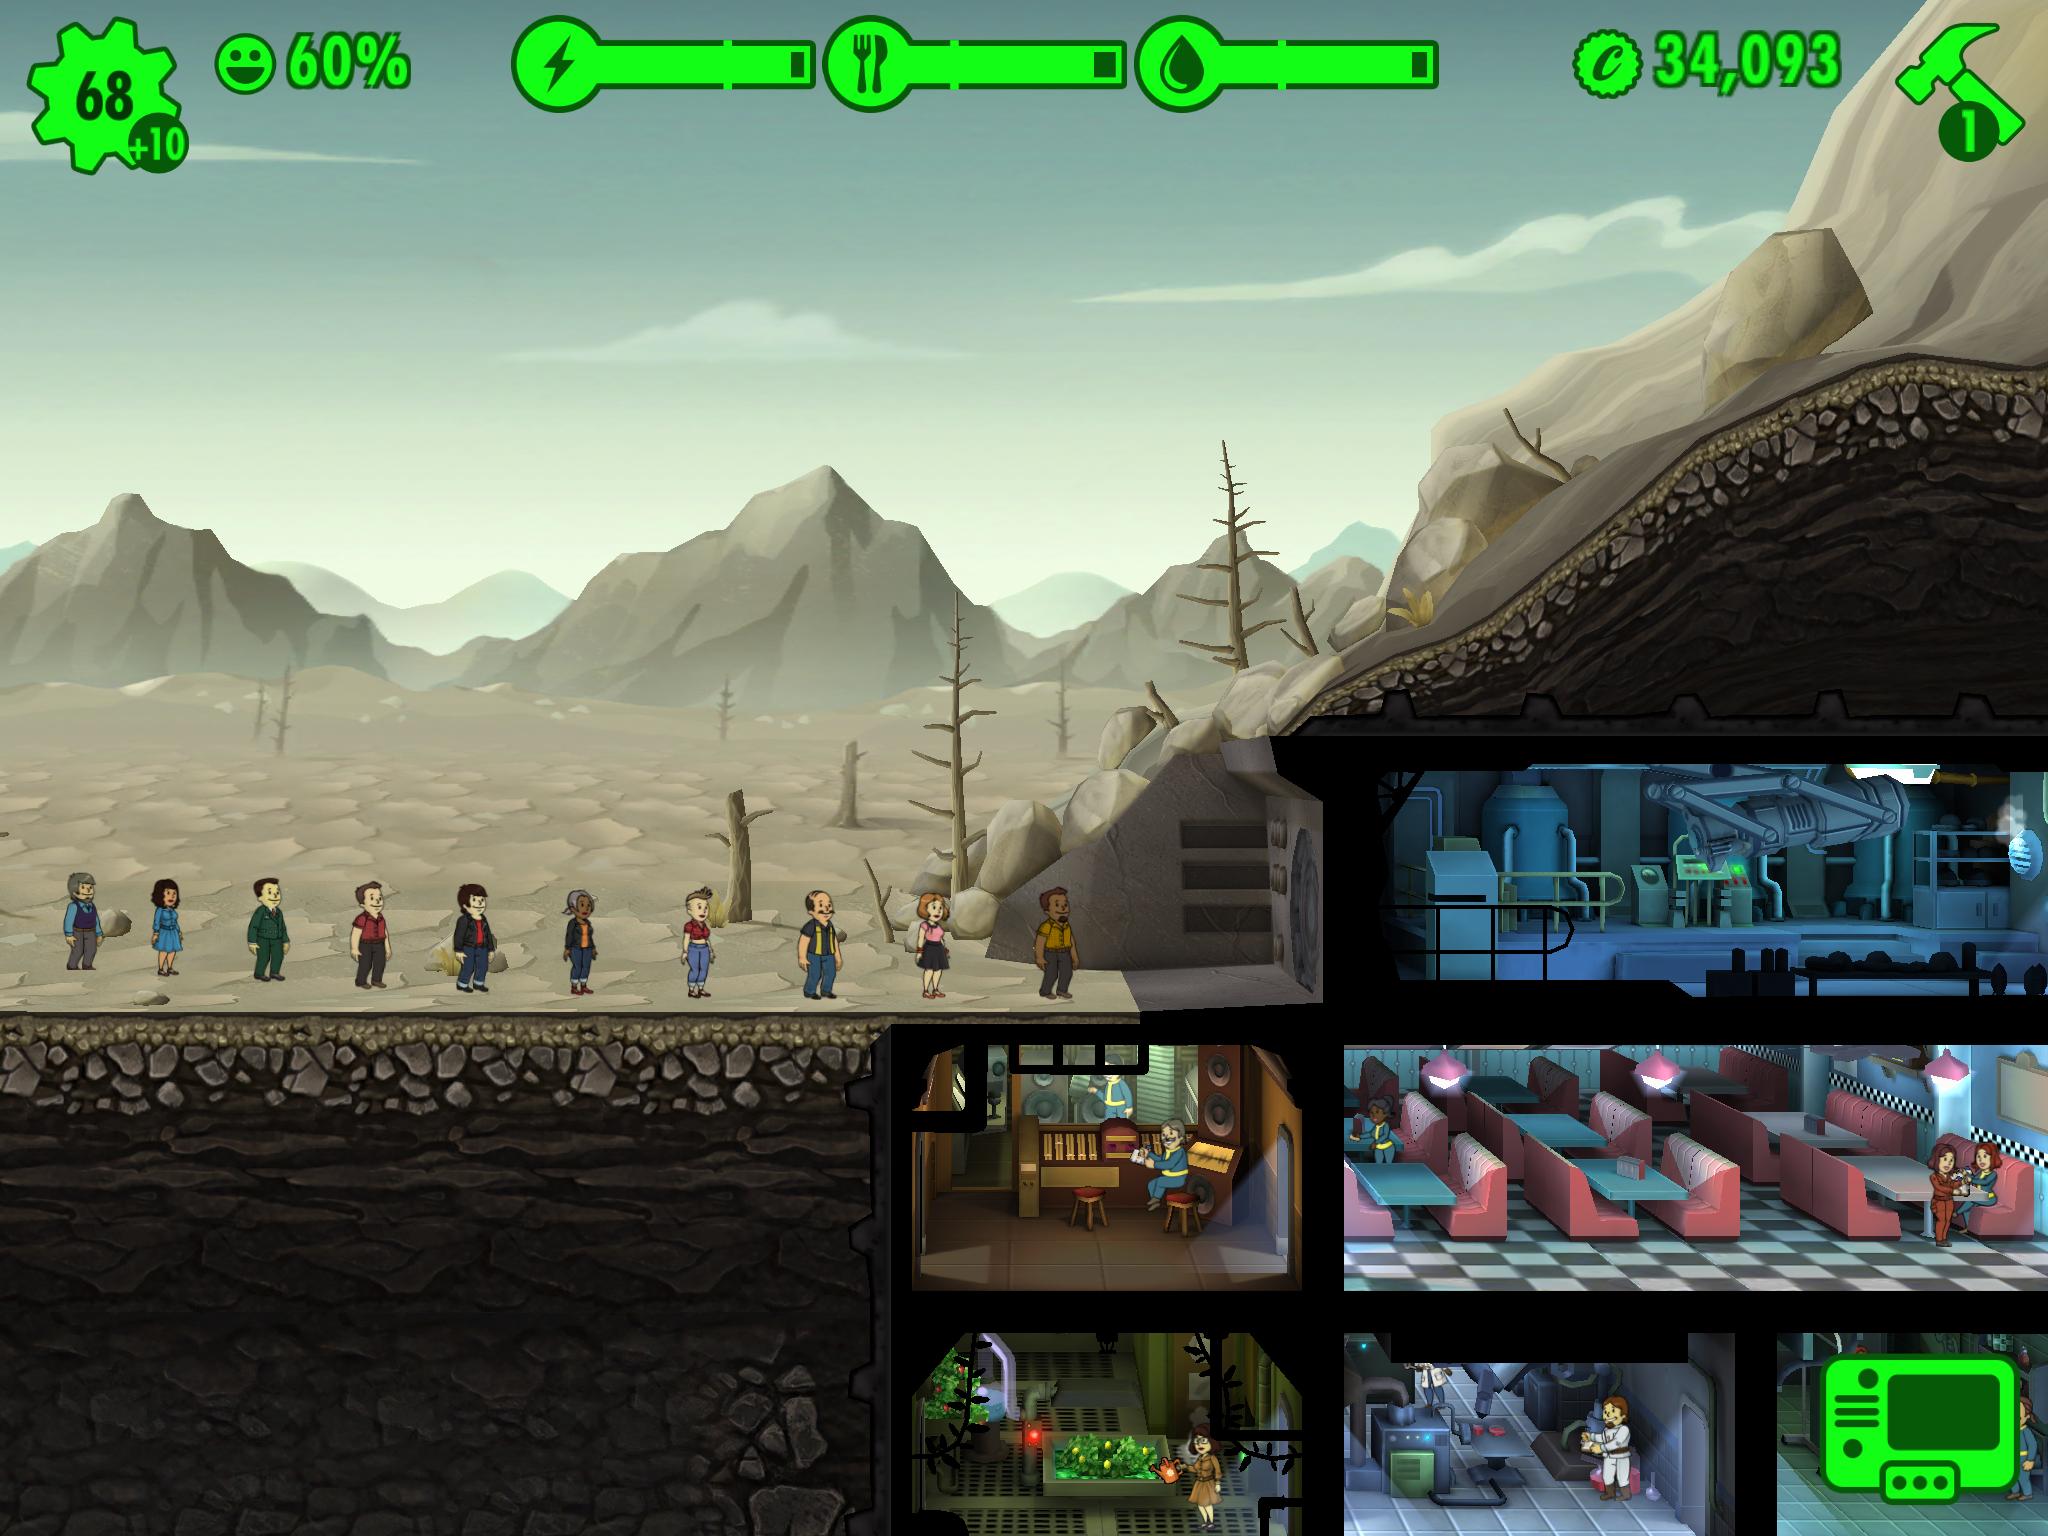 De overlevende stiller seg pent i kø for å komme inn i komplekset du har laget. Foto: Bethesda